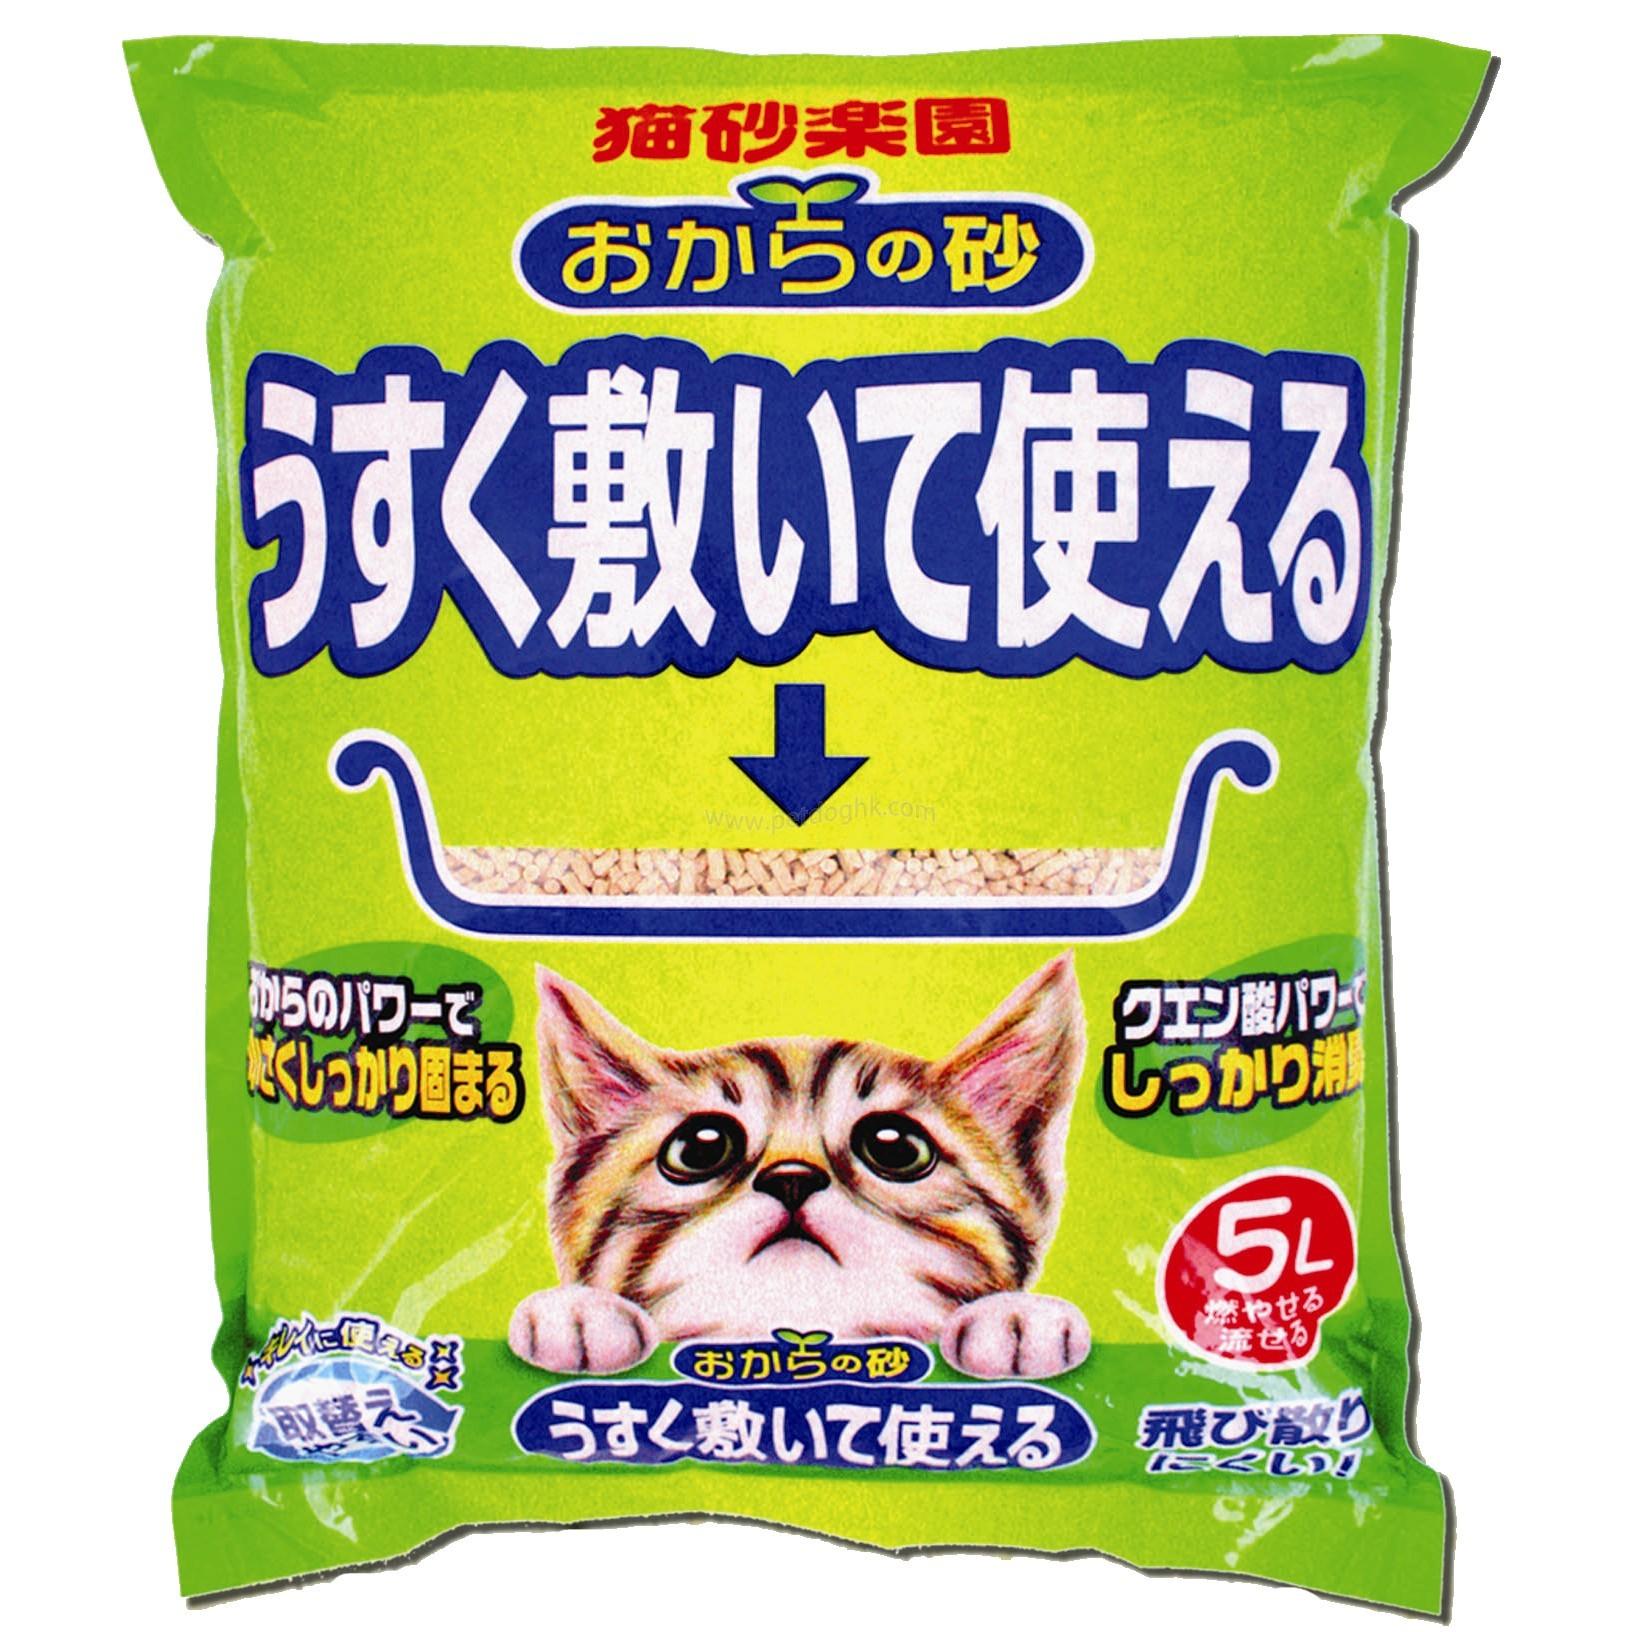 貓砂樂園 環保無塵豆腐砂5L